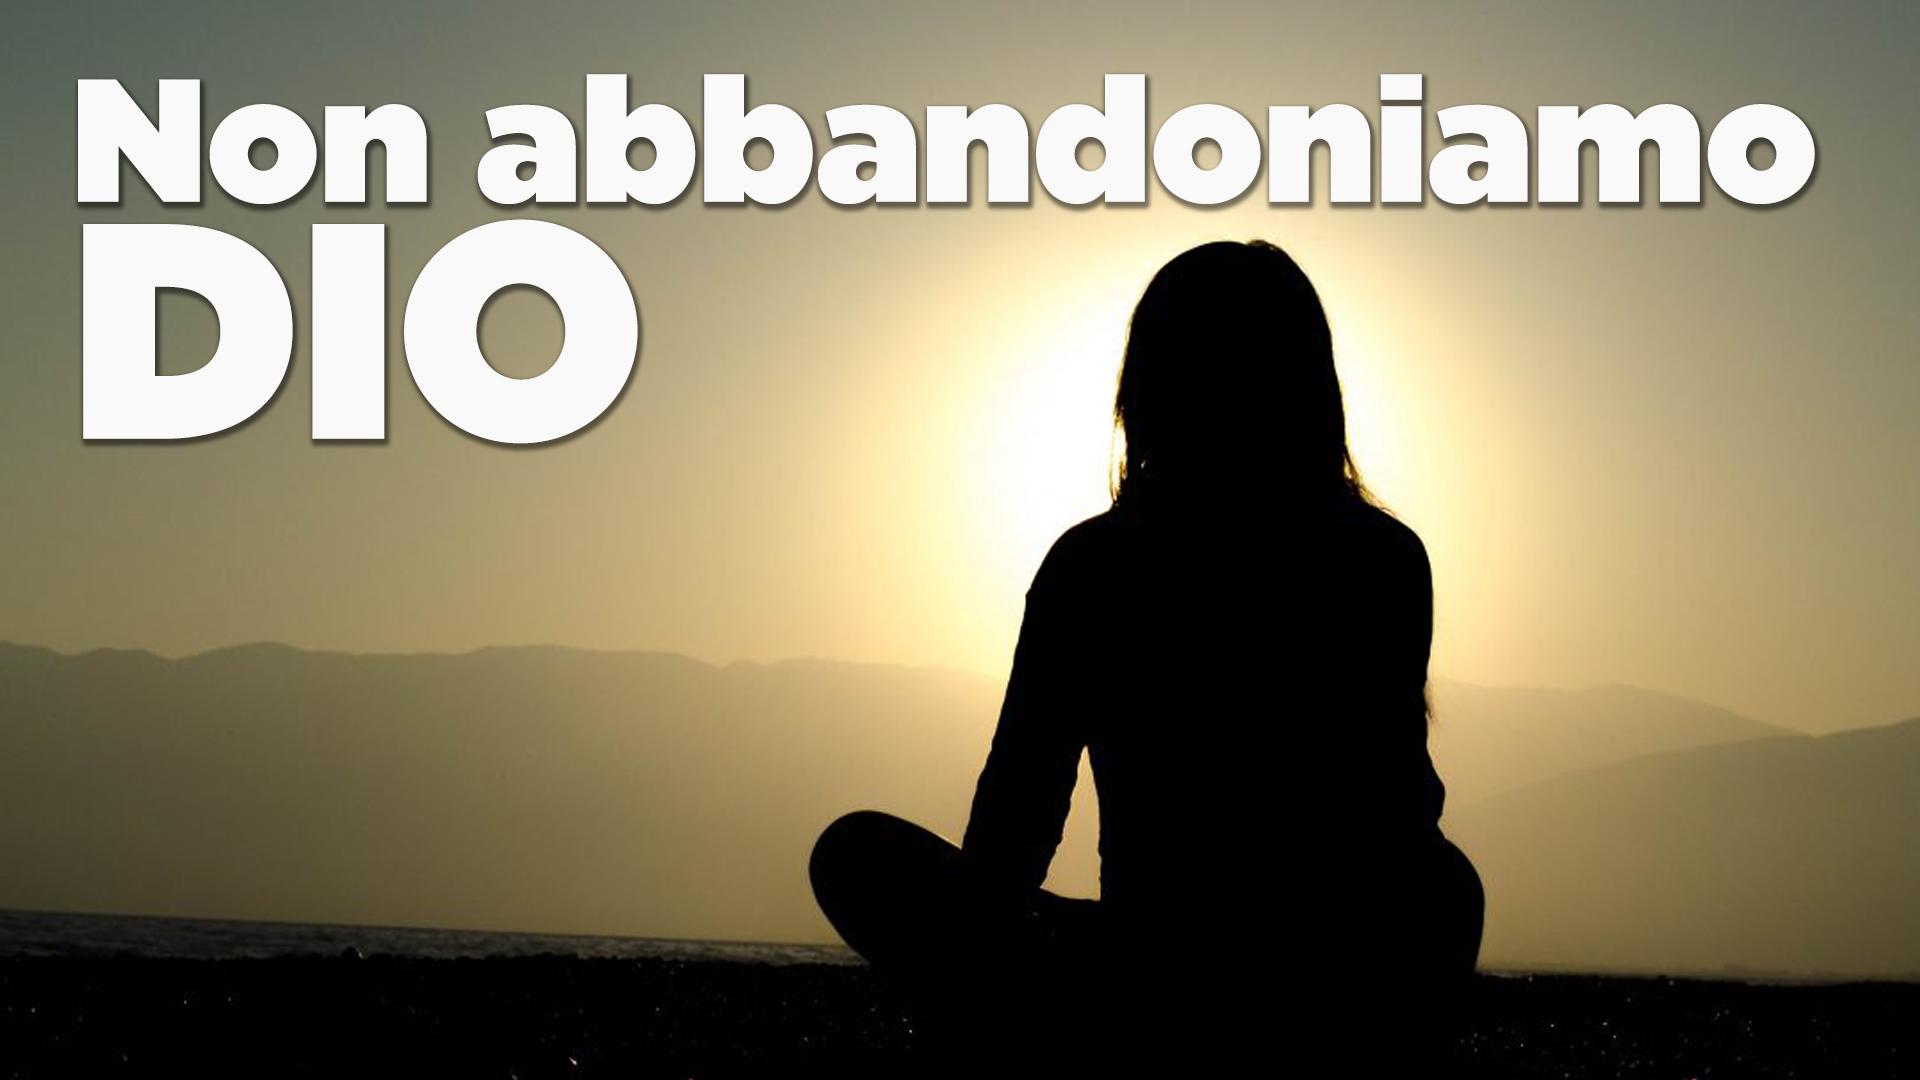 Non abbandoniamo Dio-LaBuonaNotizia.org